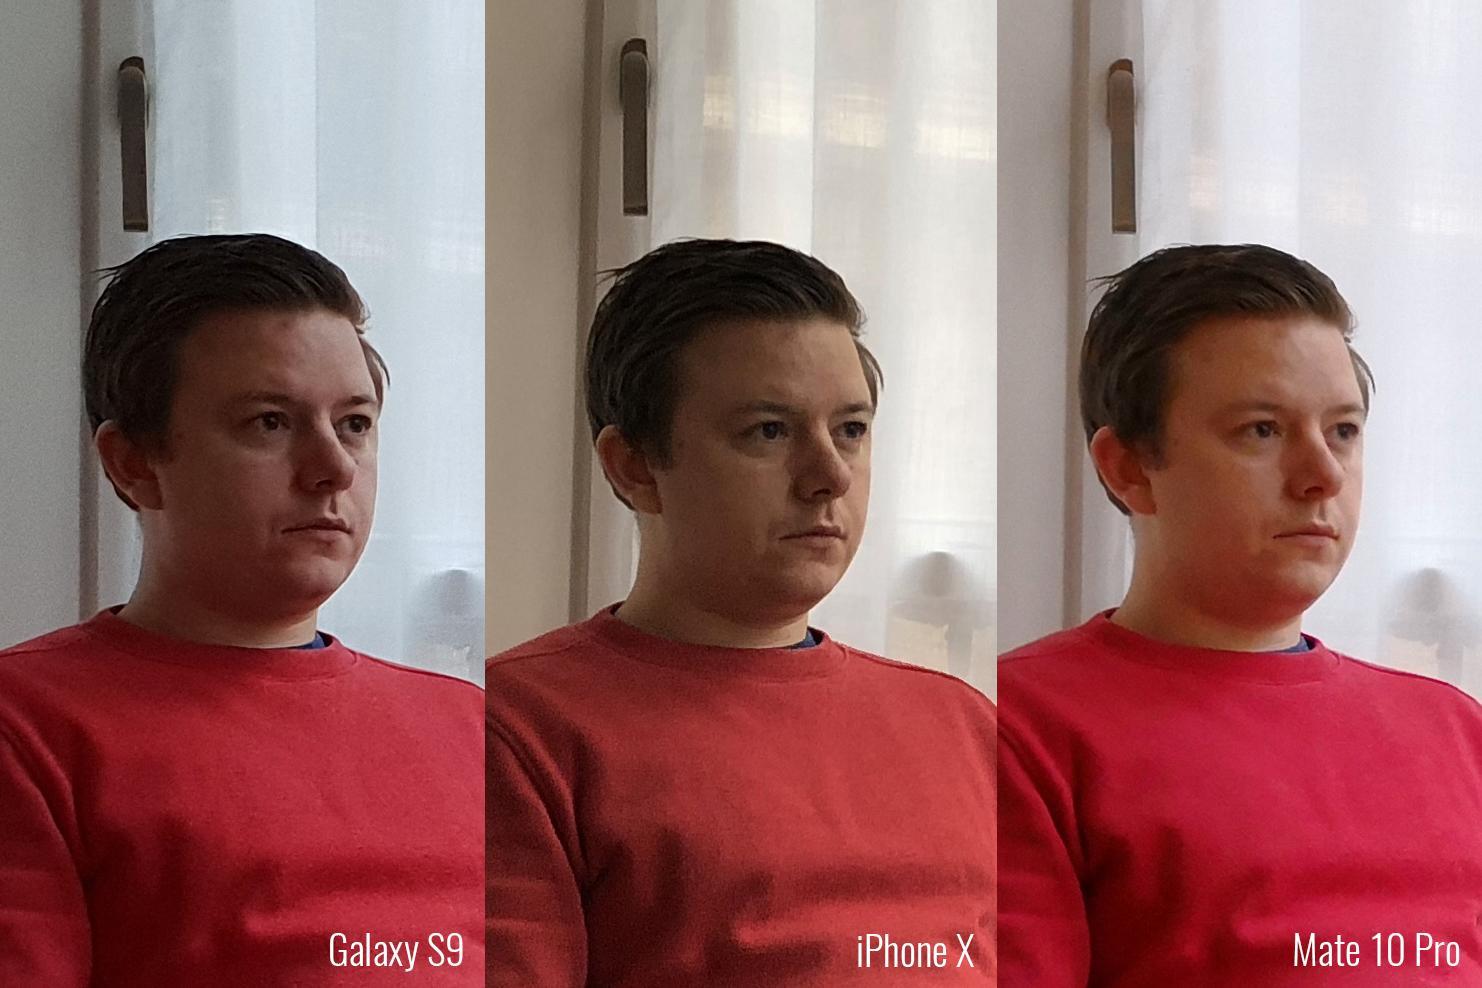 Siden bildesammenlikningsverktøyet vårt ikke lar deg se fullversjoner av bildene, har vi her zoomet inn for å bedre kunne se forskjellene.